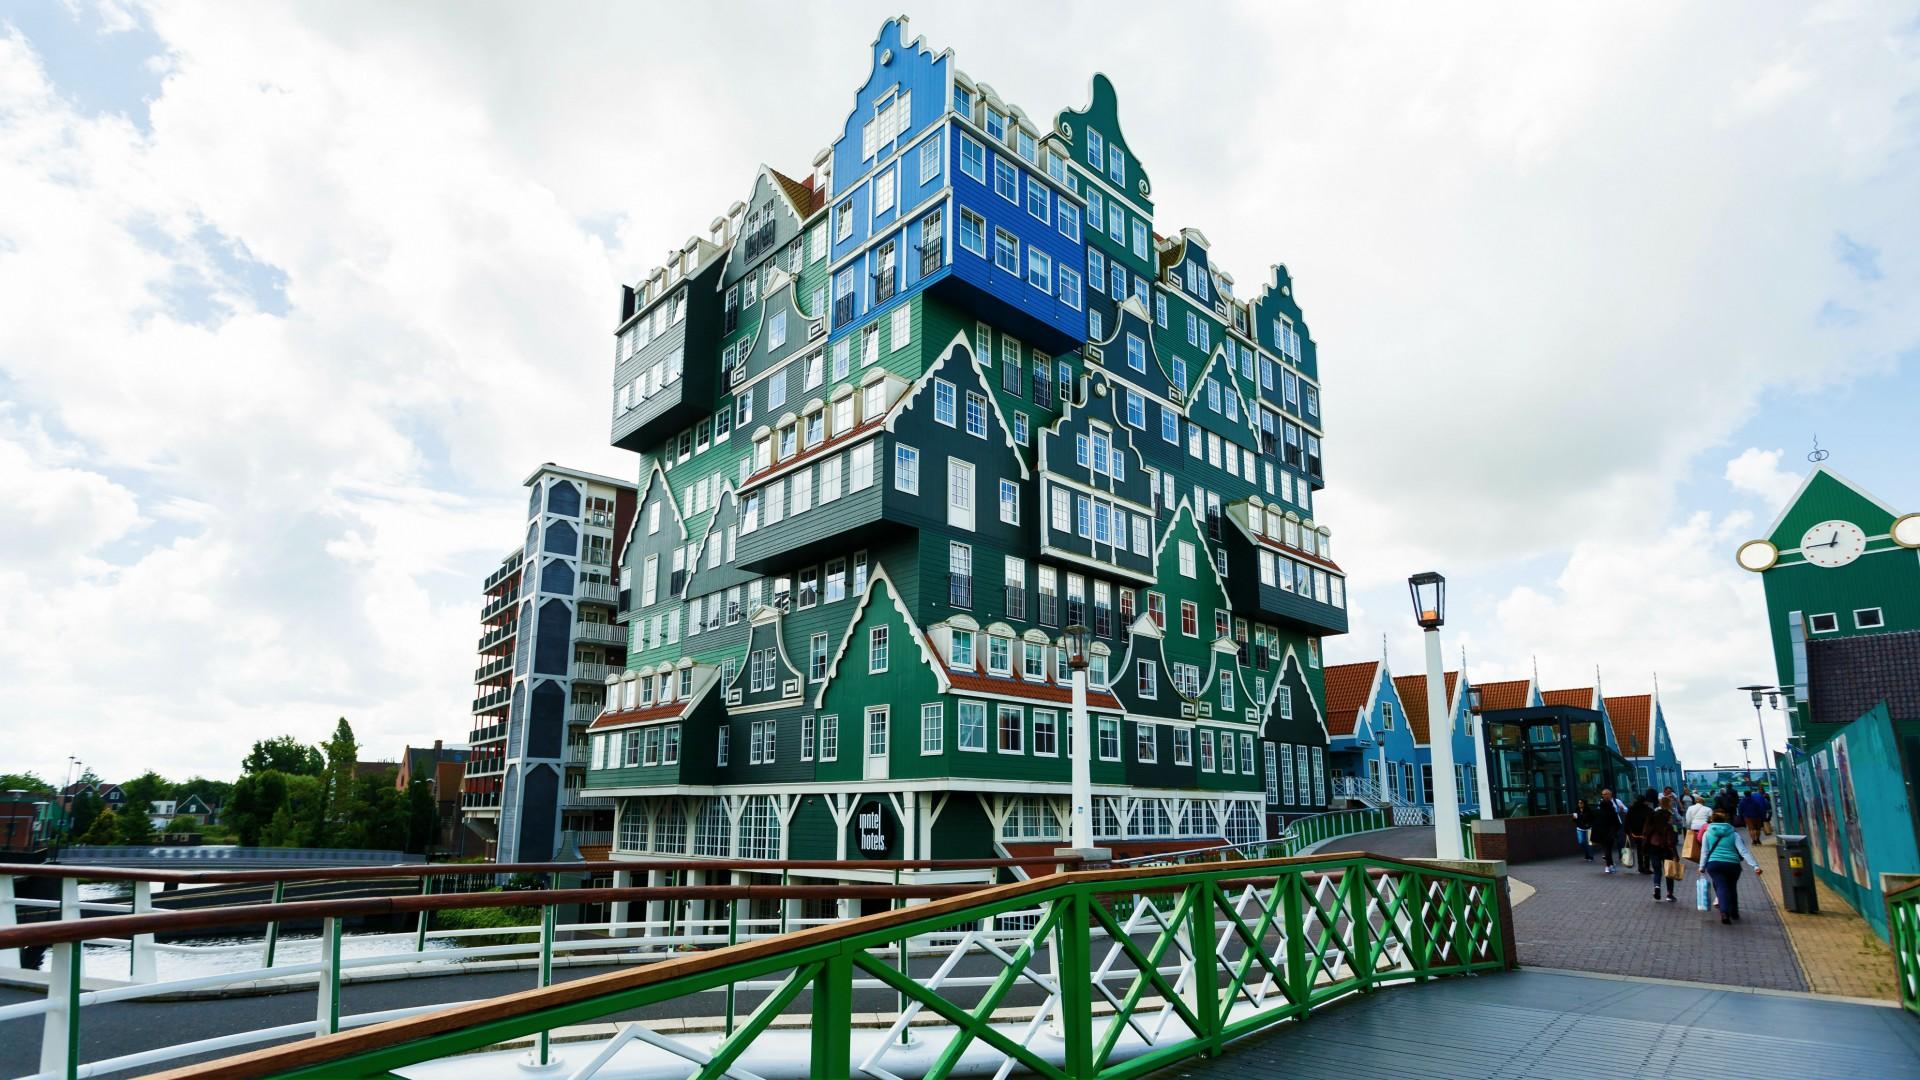 Inntel Hotels, Holland